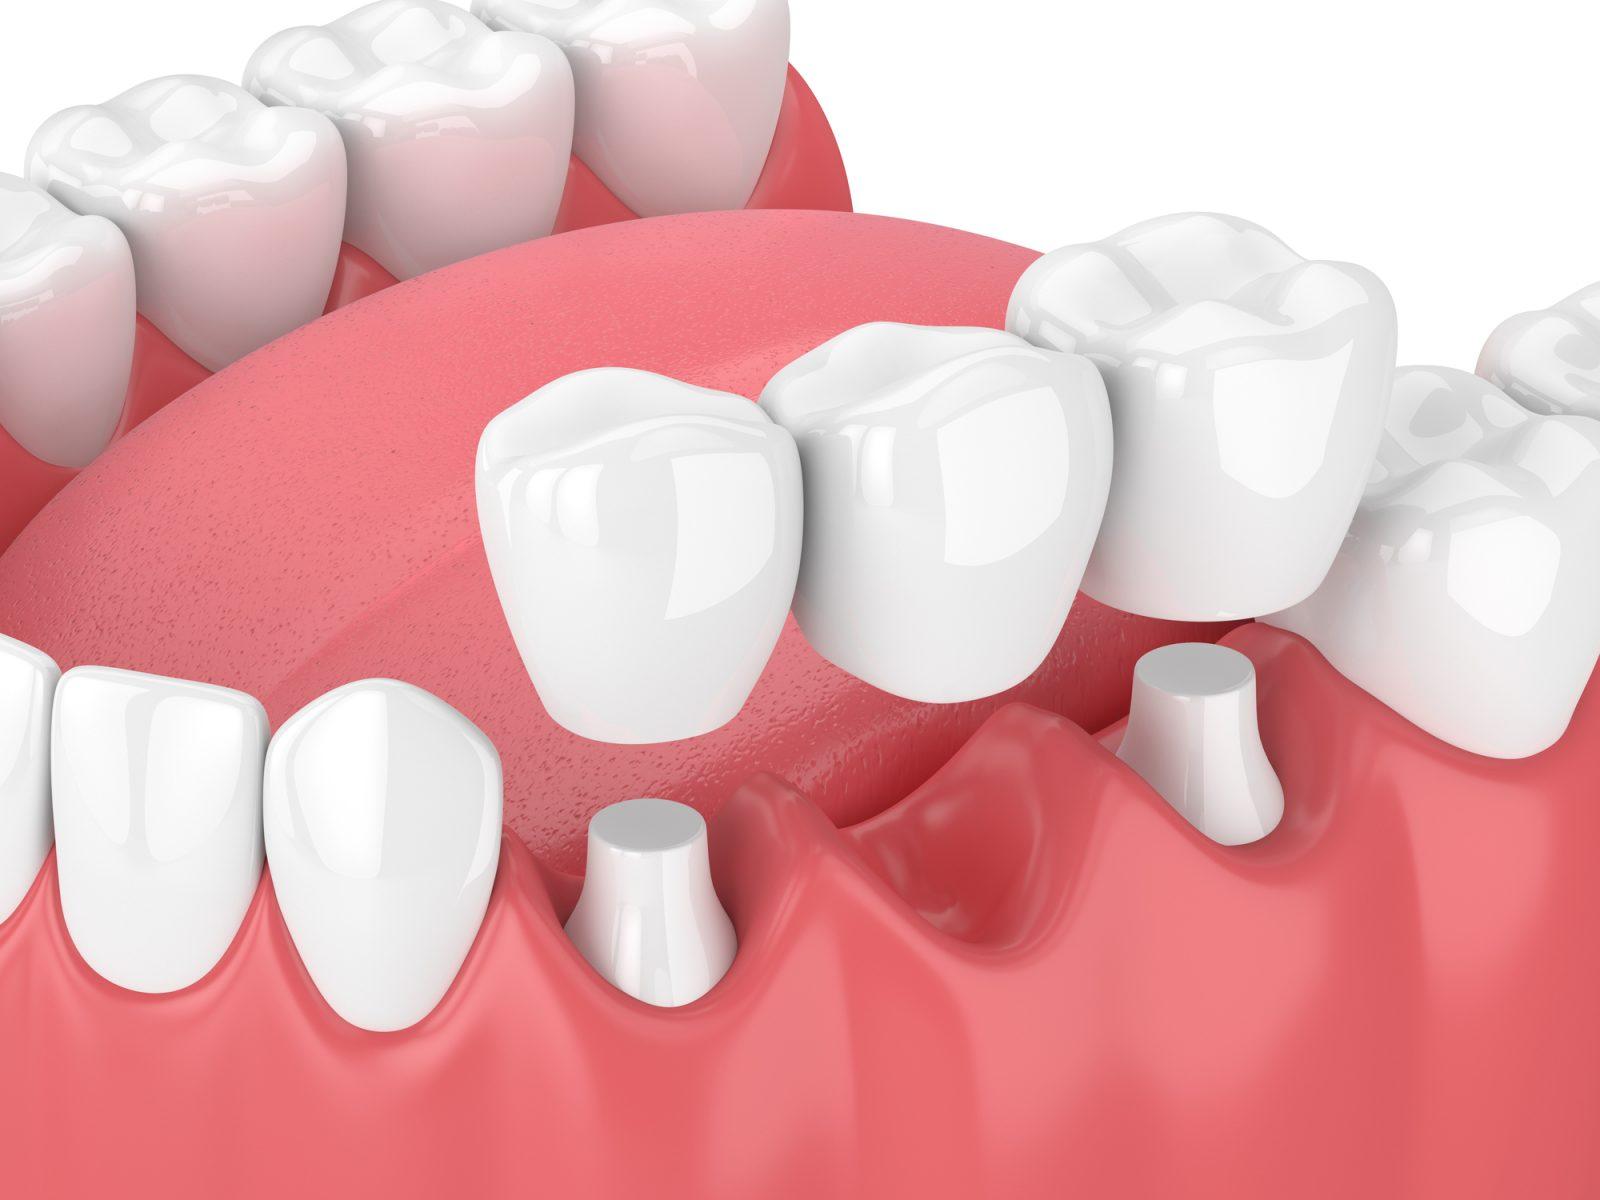 Implant dentaire Lyon : quels sont les inconvénient de cette méthode ?